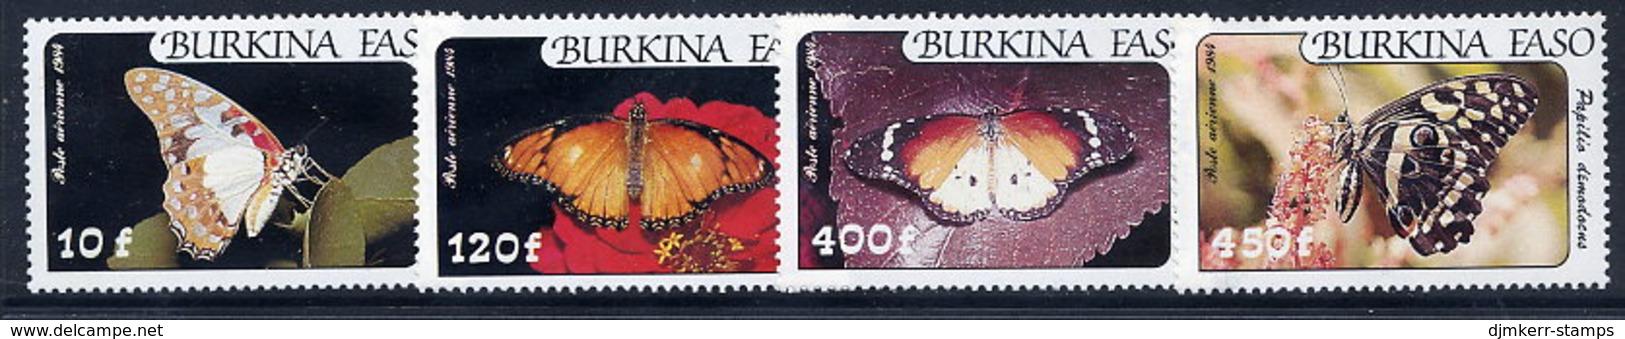 BURKINA FASO 1984 Butterflies MNH / ** - Burkina Faso (1984-...)